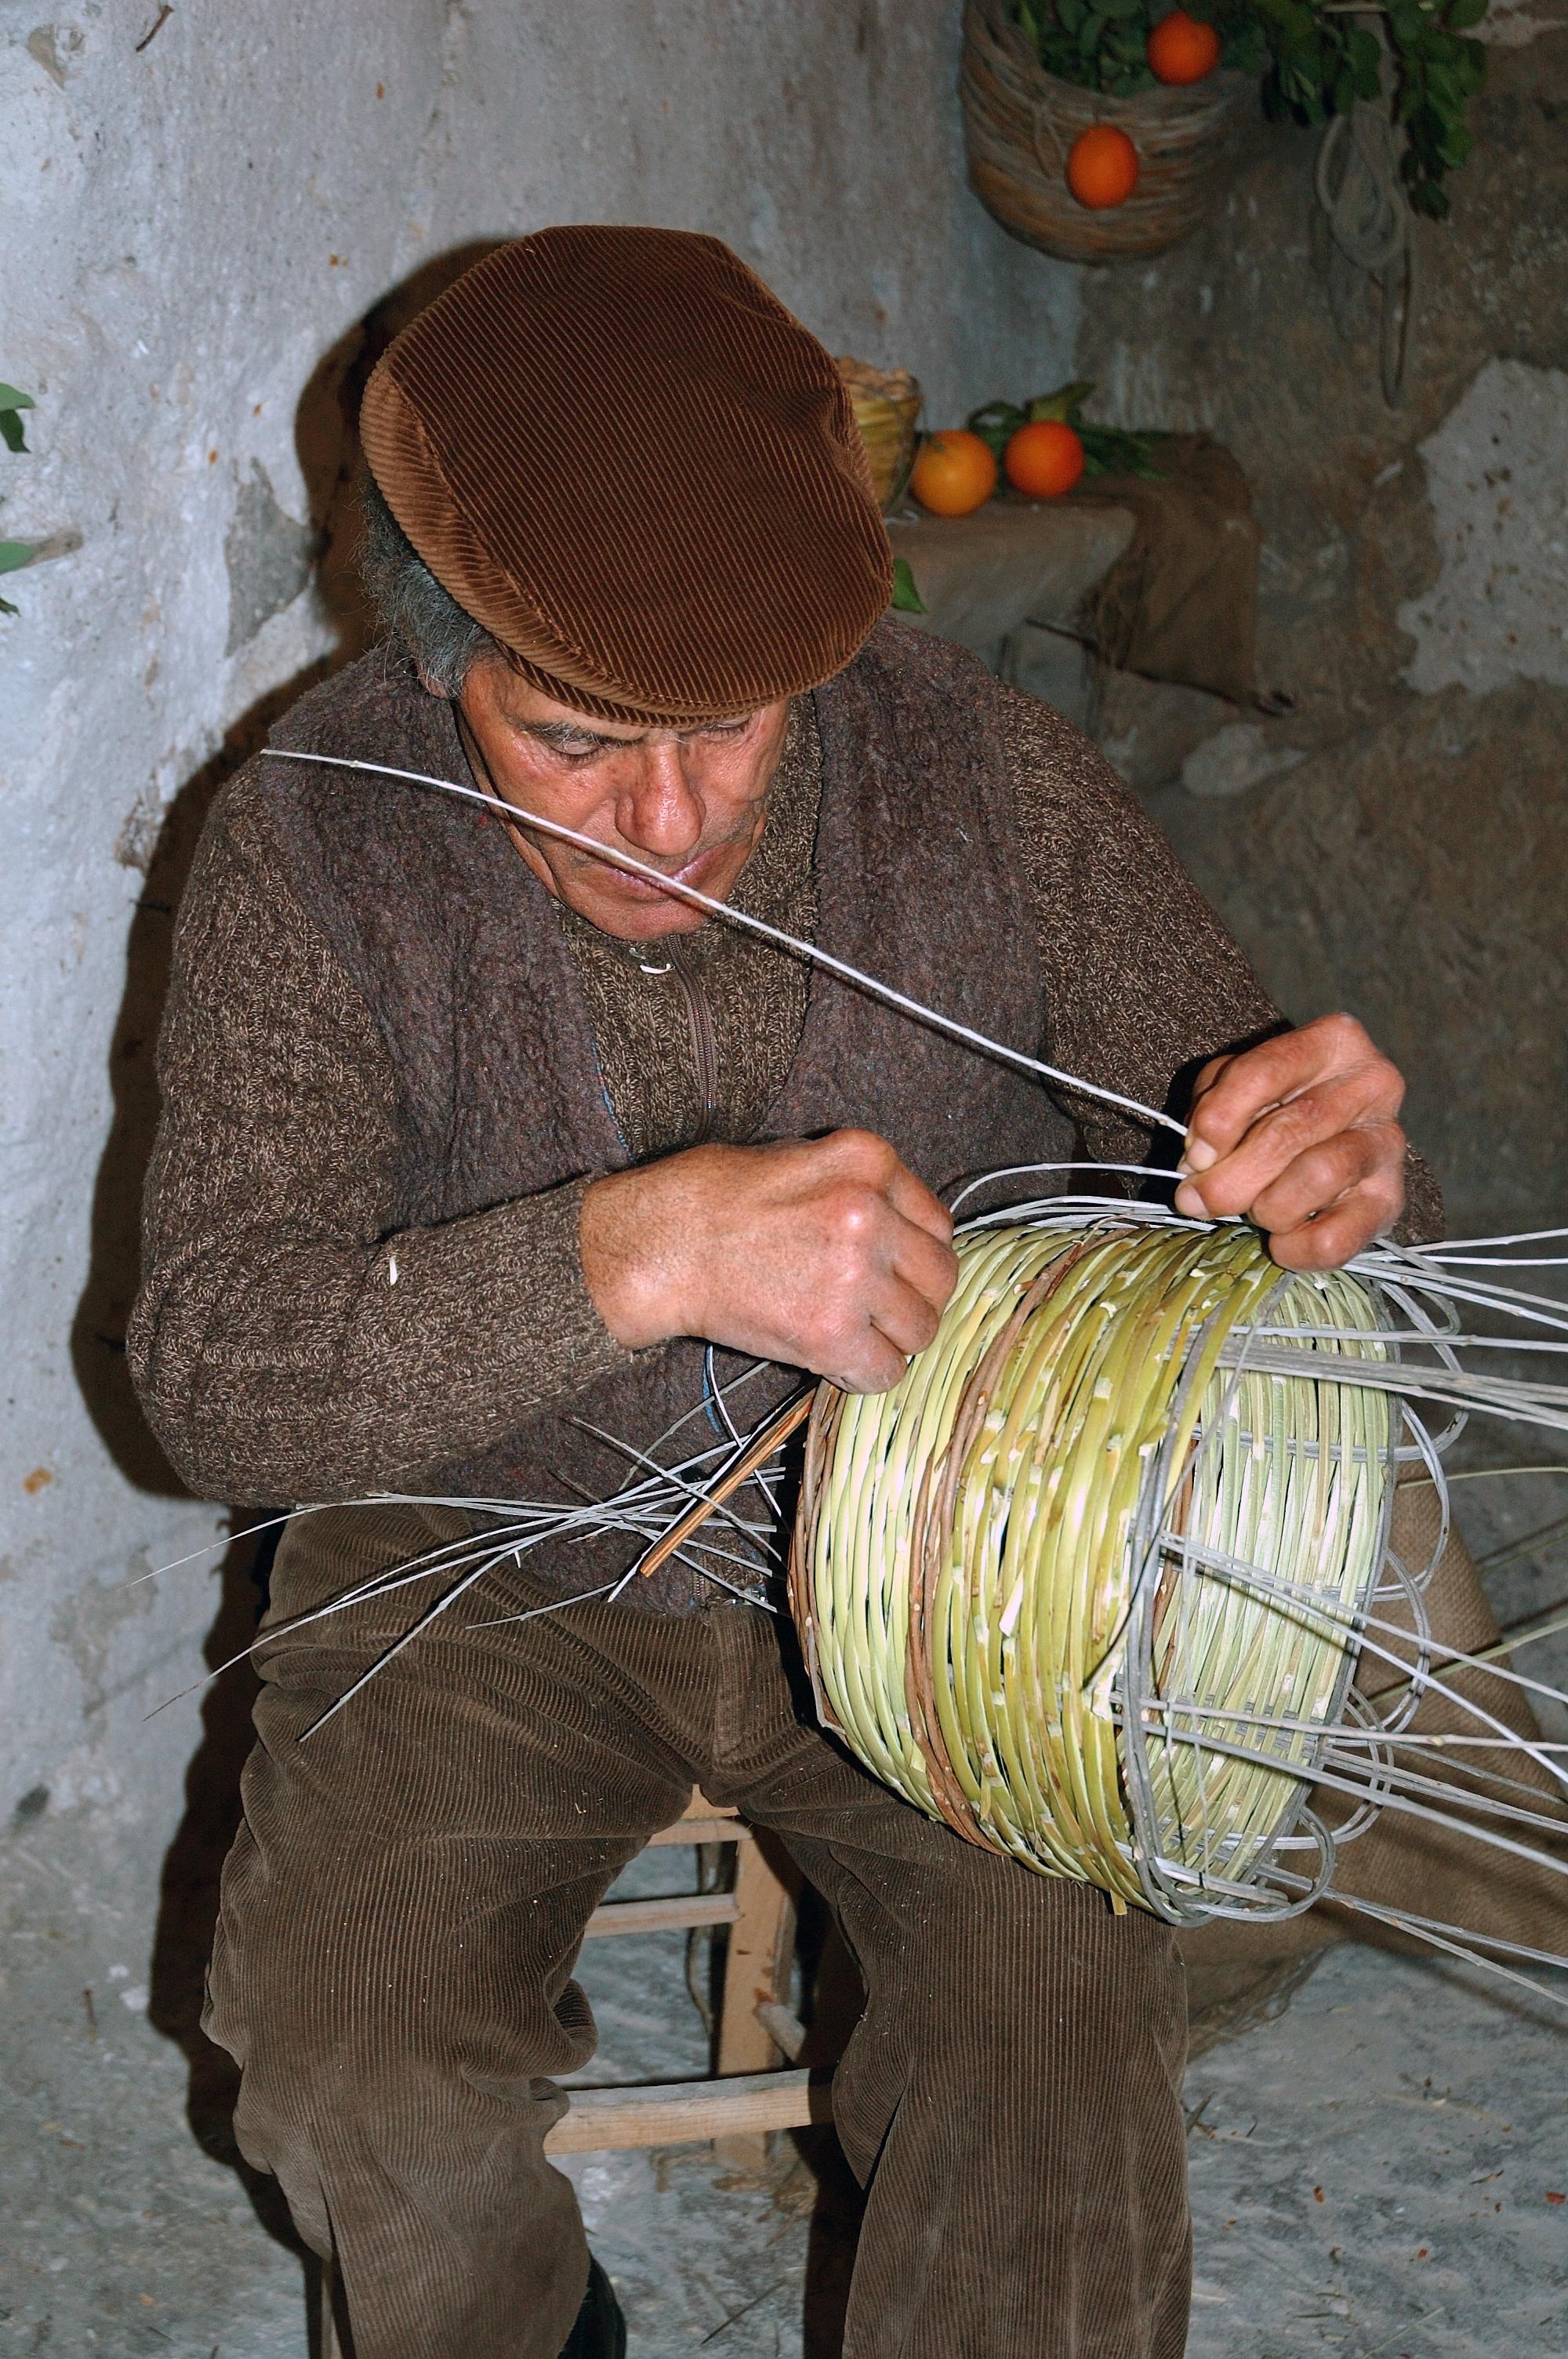 File artigiano siciliano jpg wikipedia for Artigianato italia